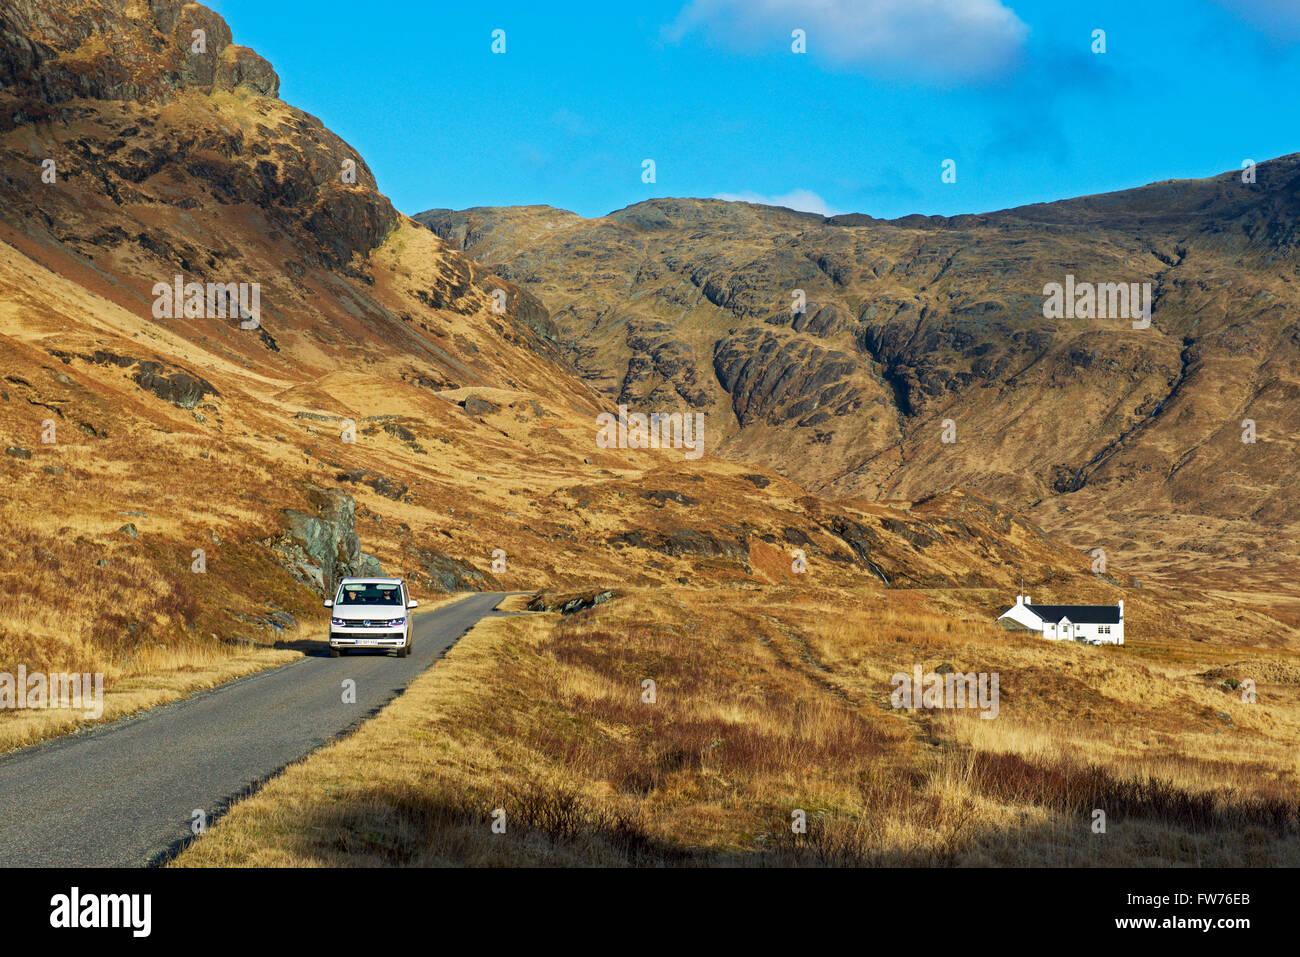 Chalet à distance en plus Glen, île de Mull, Hébrides intérieures, Ecosse UK Photo Stock